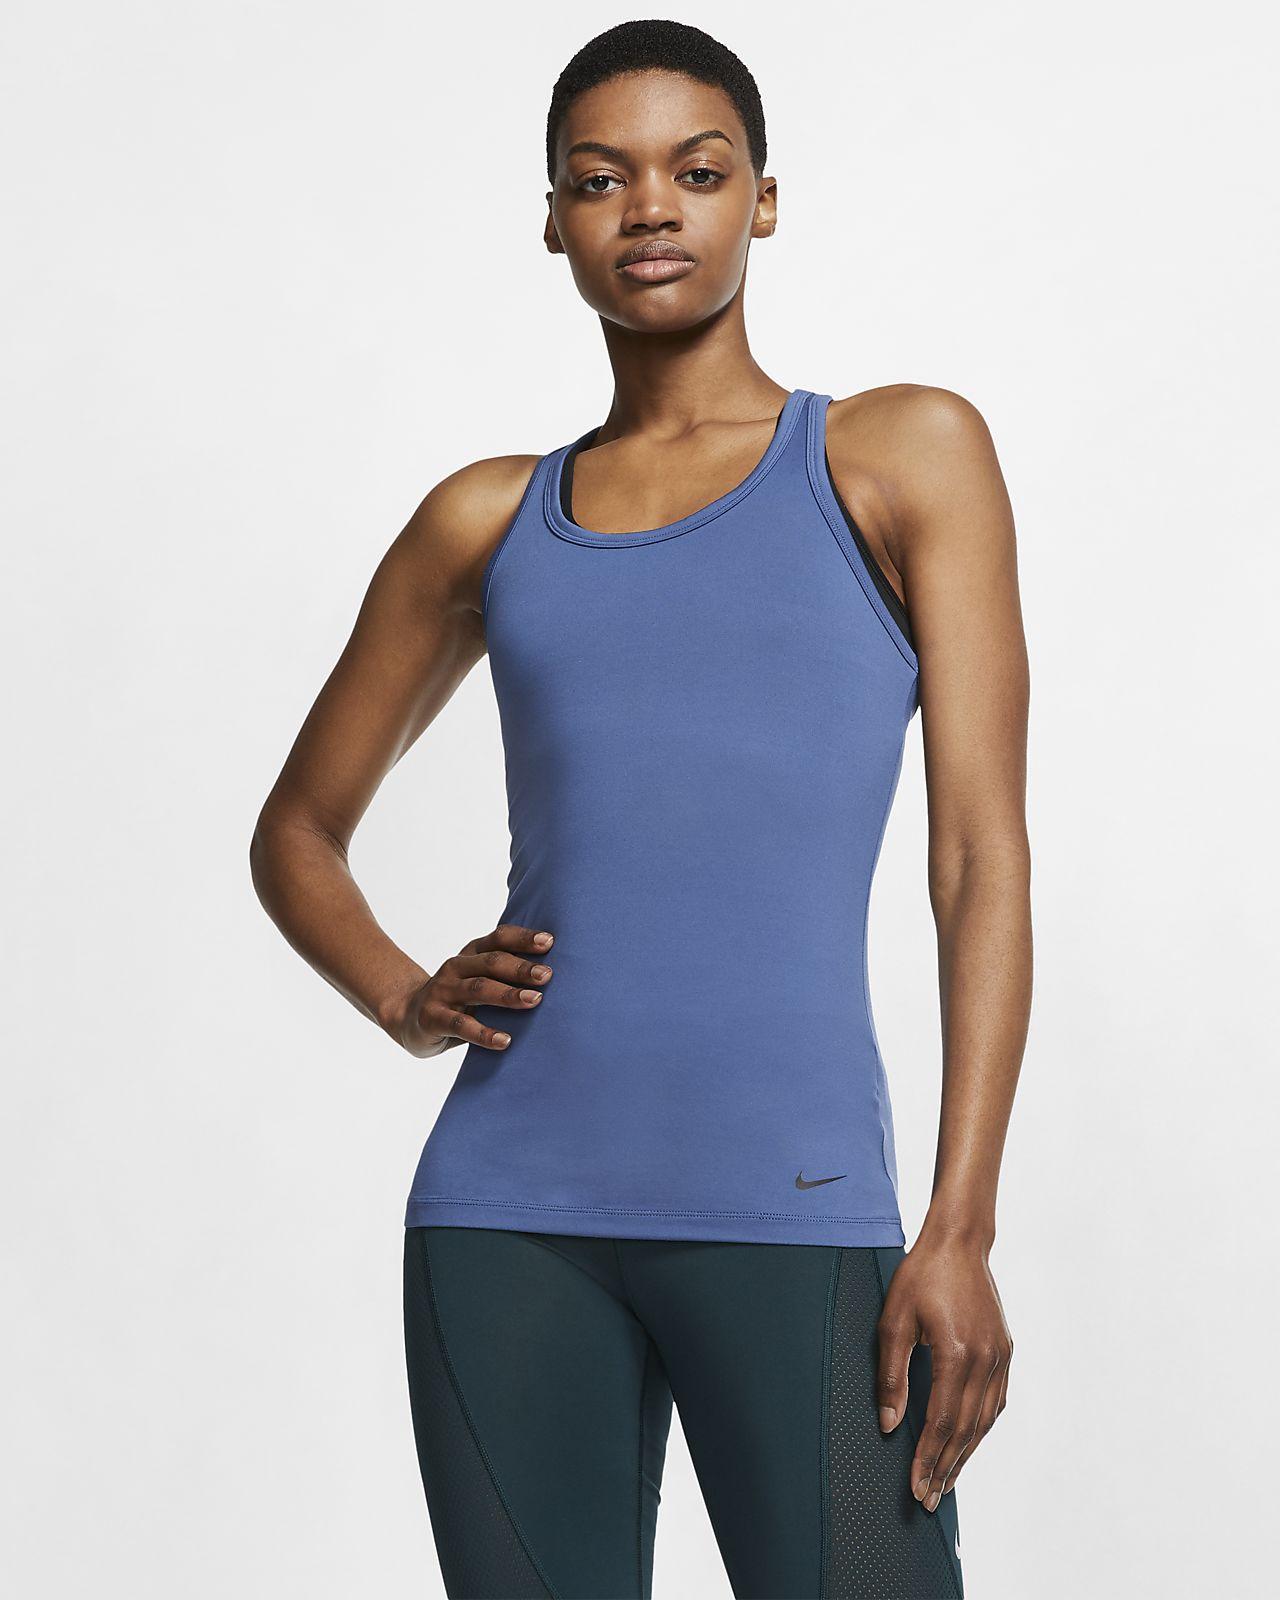 Damska koszulka treningowa bez rękawów do jogi Nike Get Fit